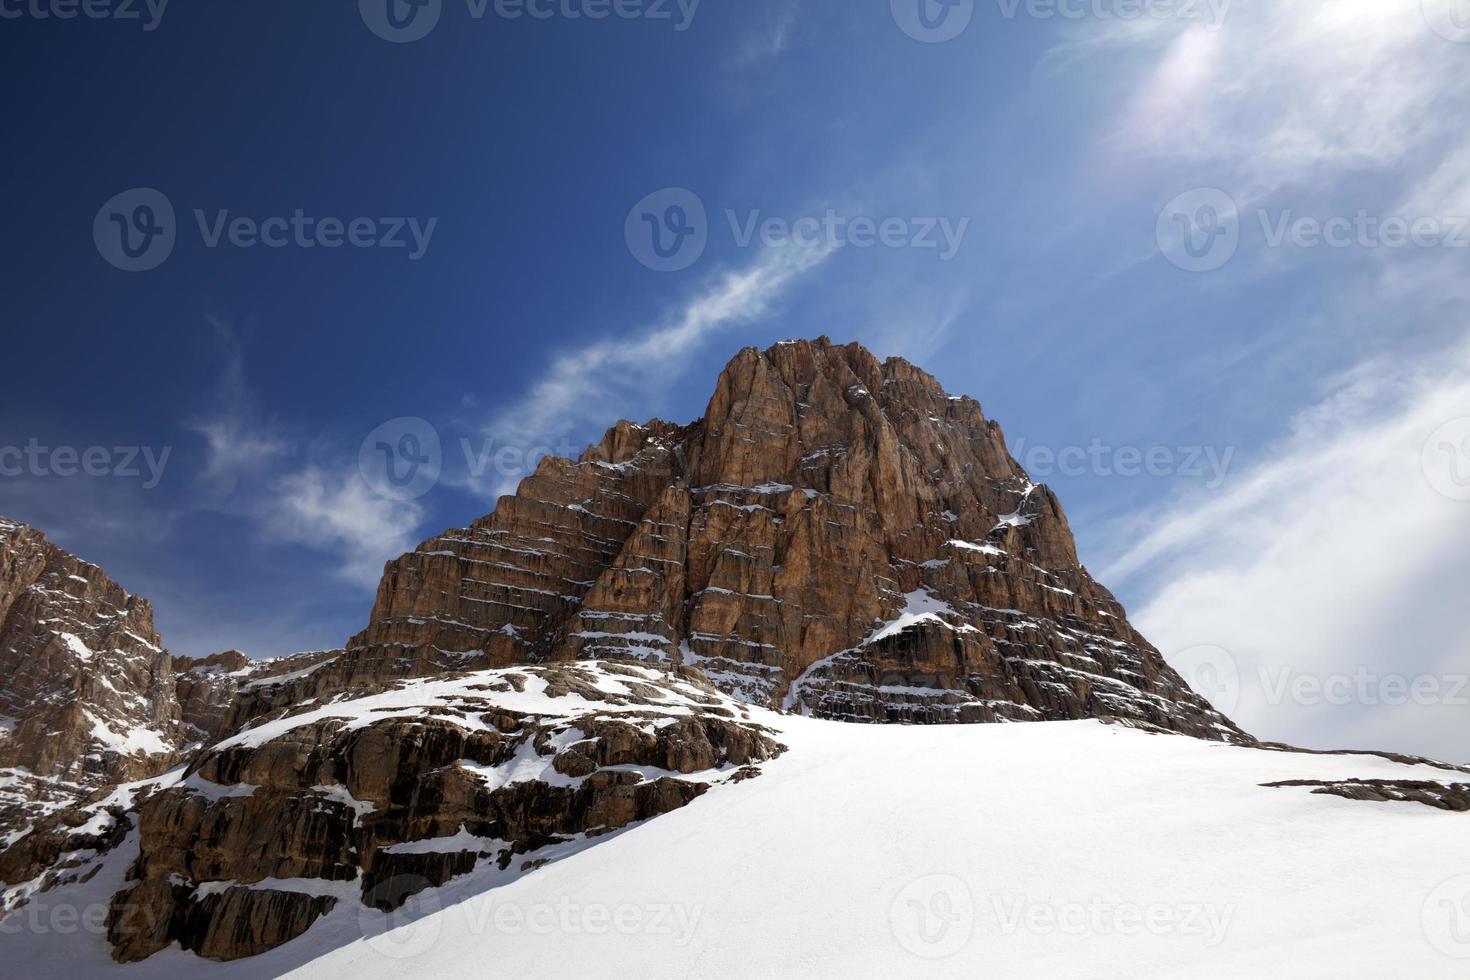 rochers enneigés au beau jour photo